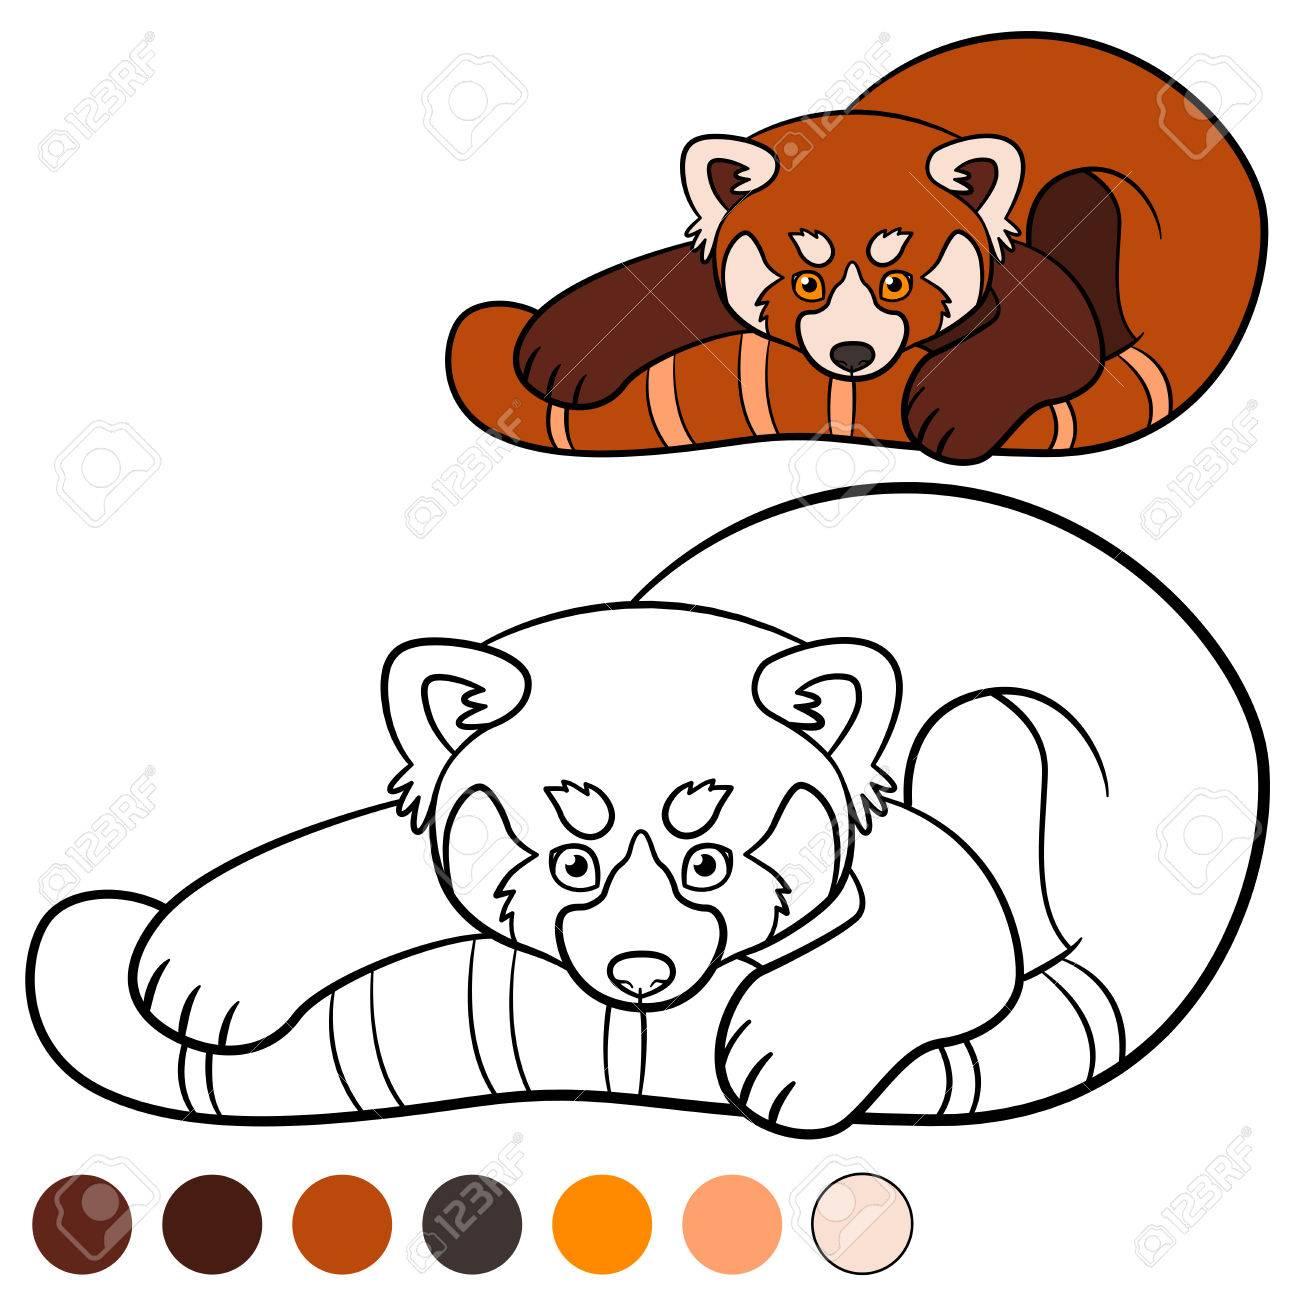 Malvorlage: Roter Panda. Kleine Süße Rote Panda Mit Schönen Schwanz ...